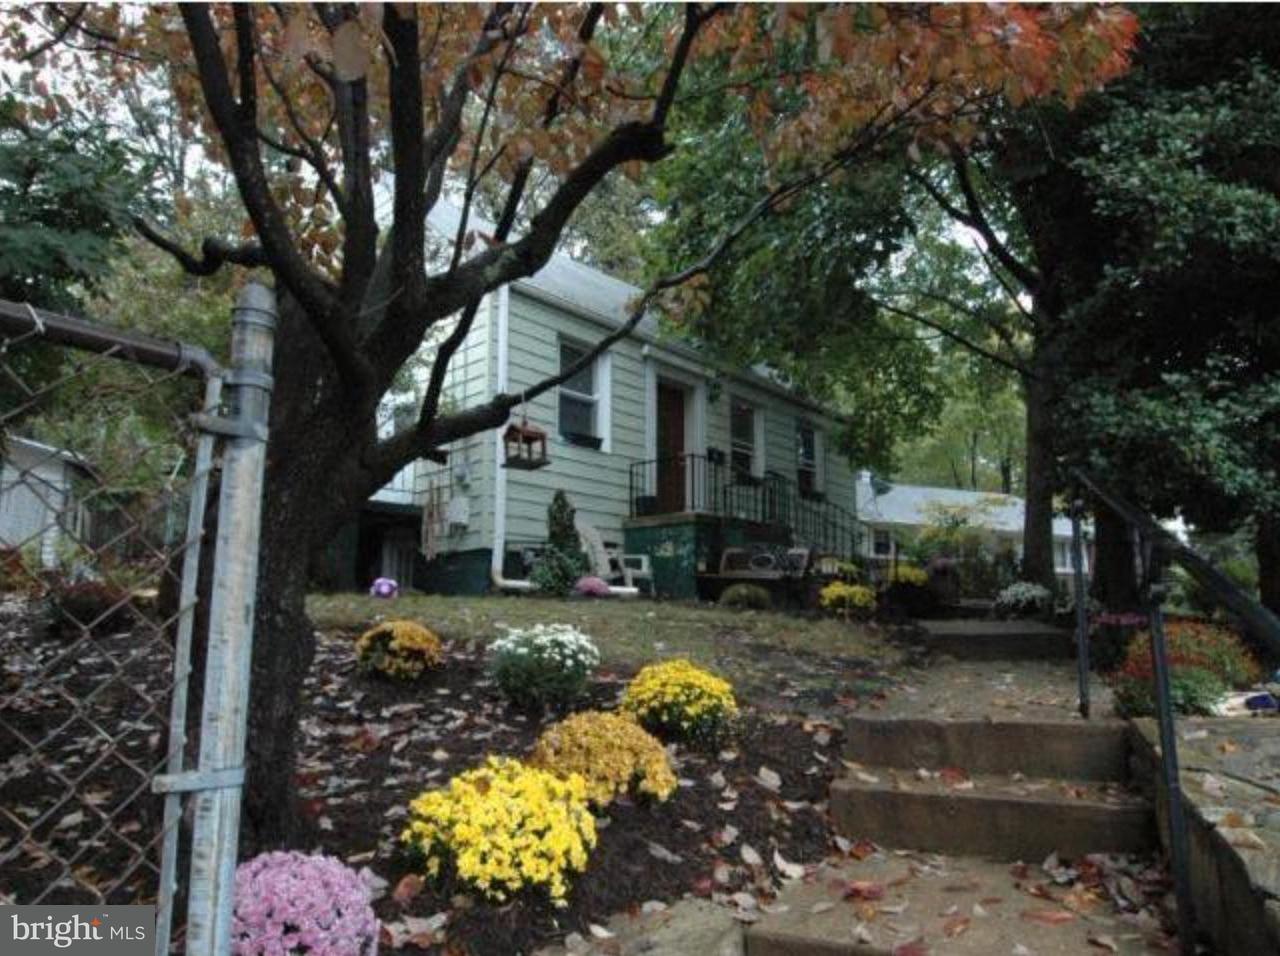 Land for Sale at 1513 N. Ohio Street 1513 N. Ohio Street Arlington, Virginia 22205 United States